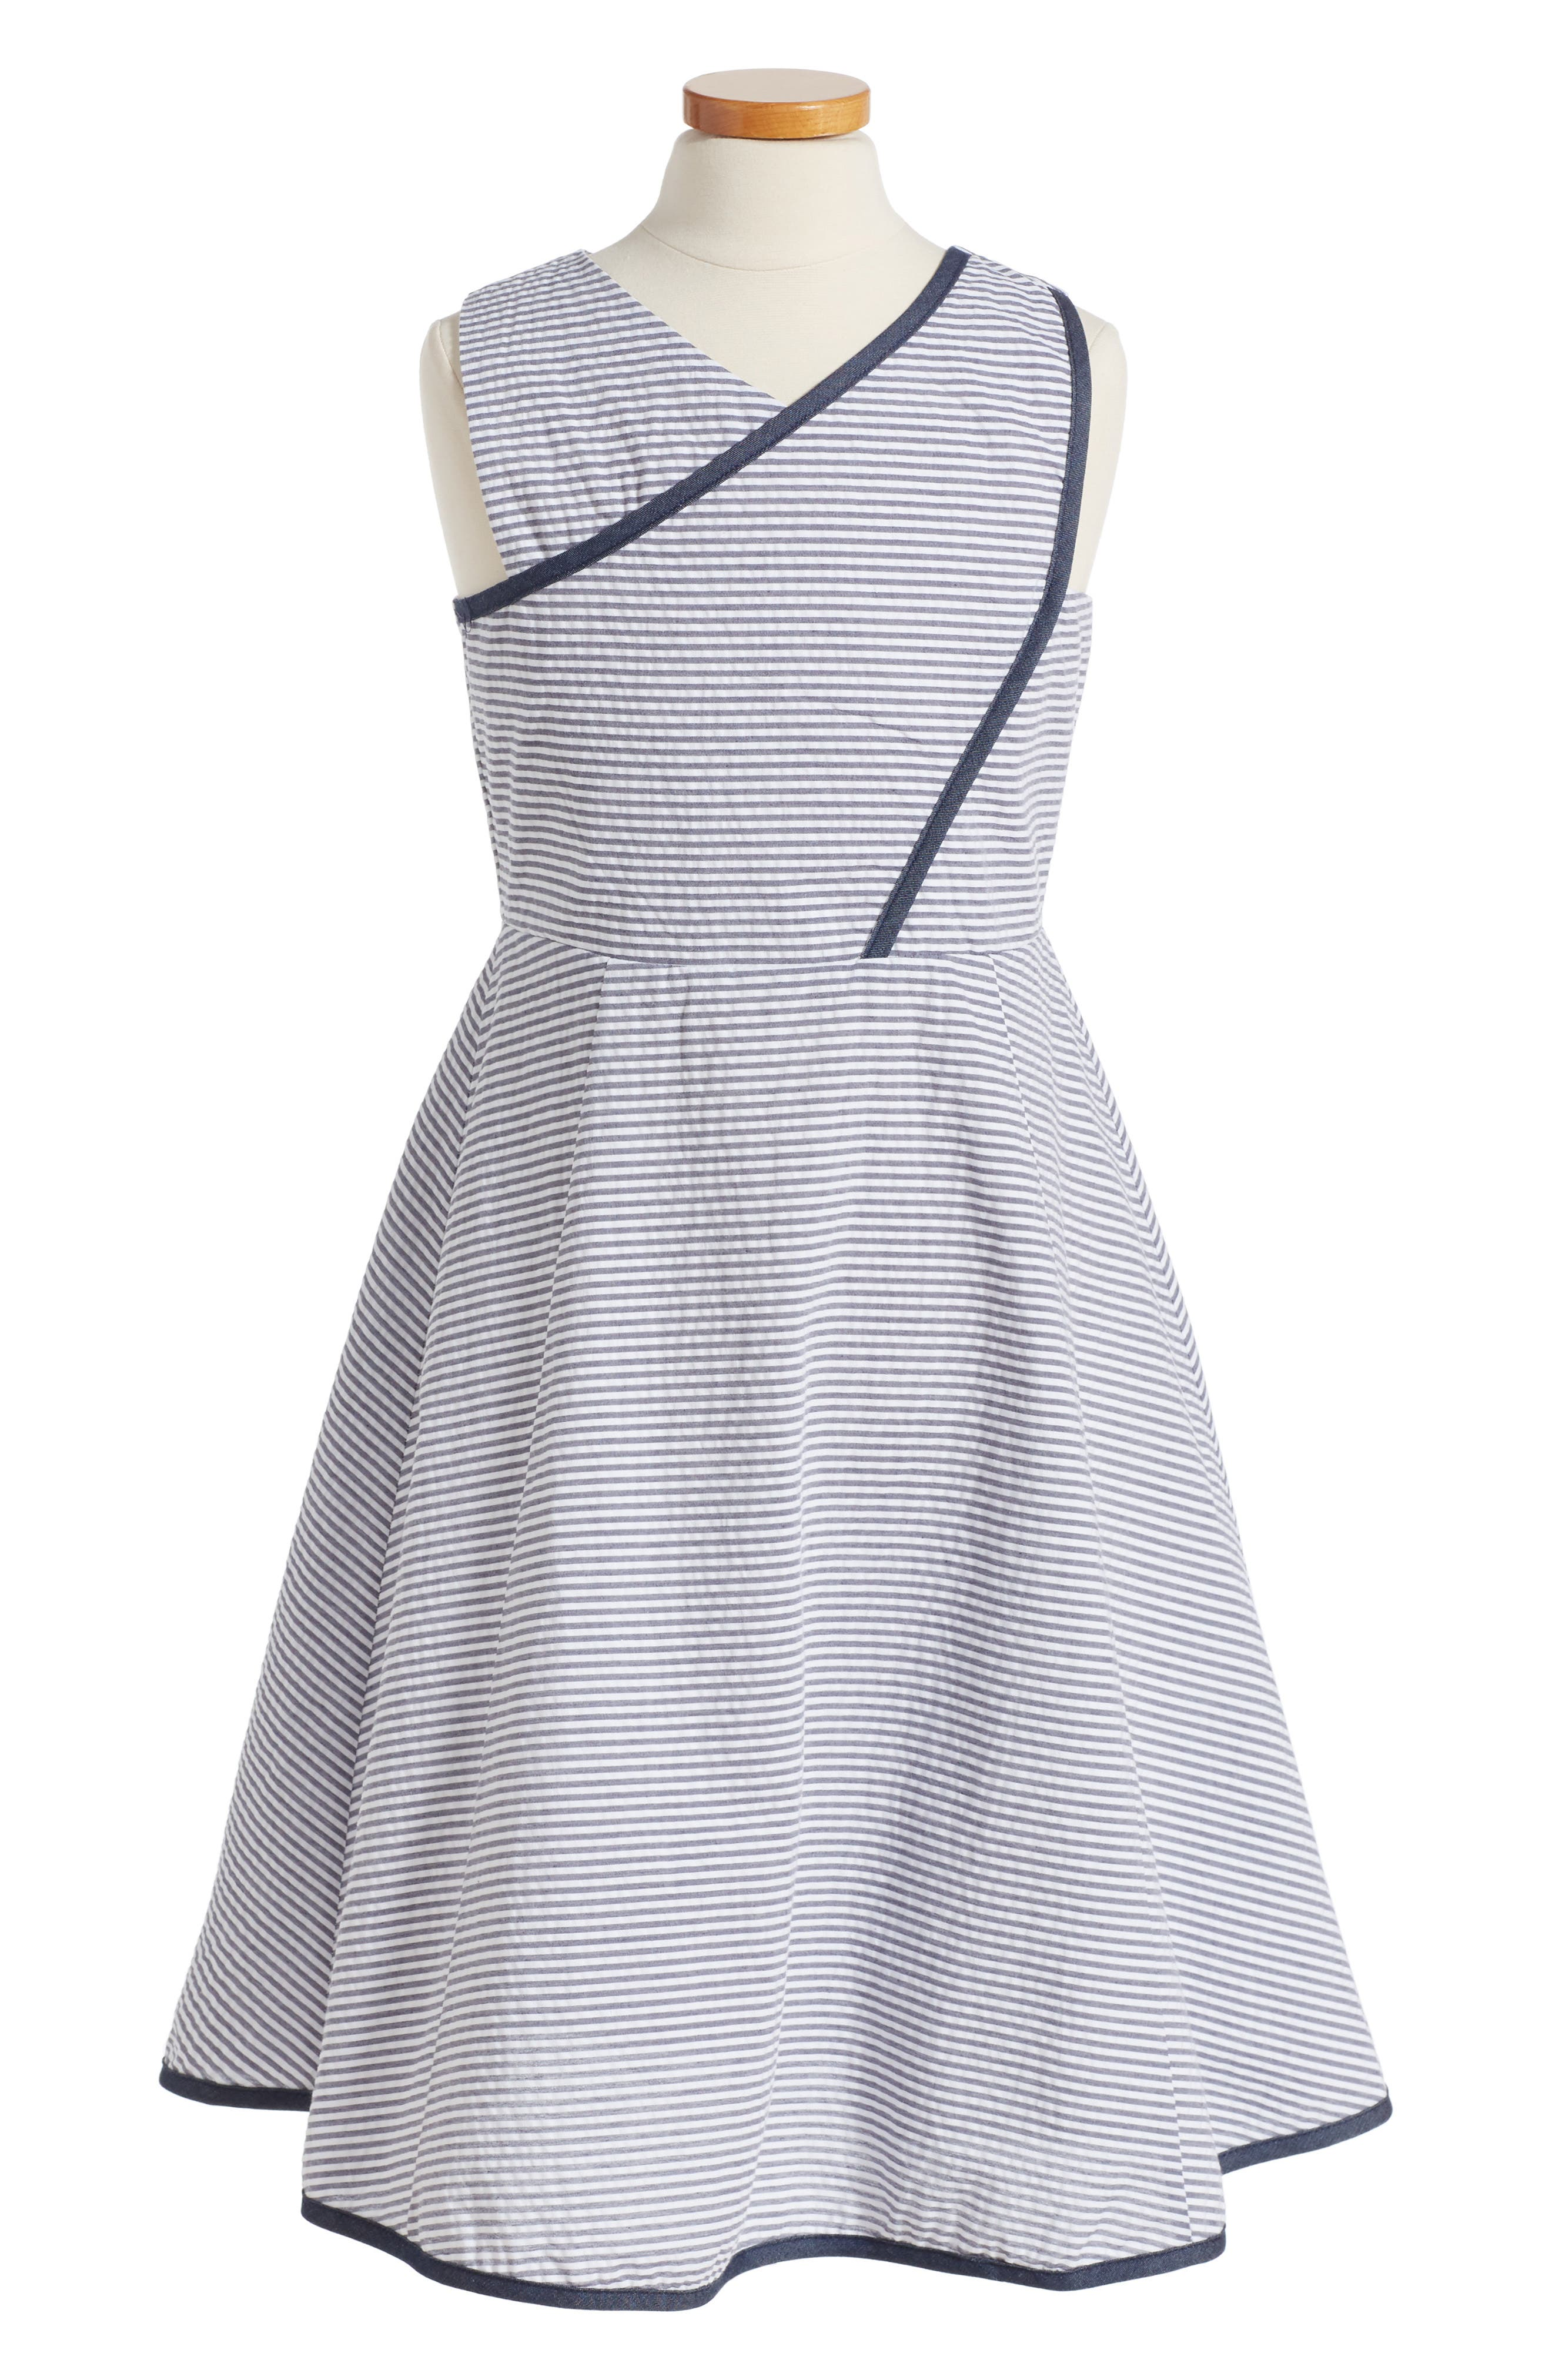 DORISSA Erica Faux Wrap Dress